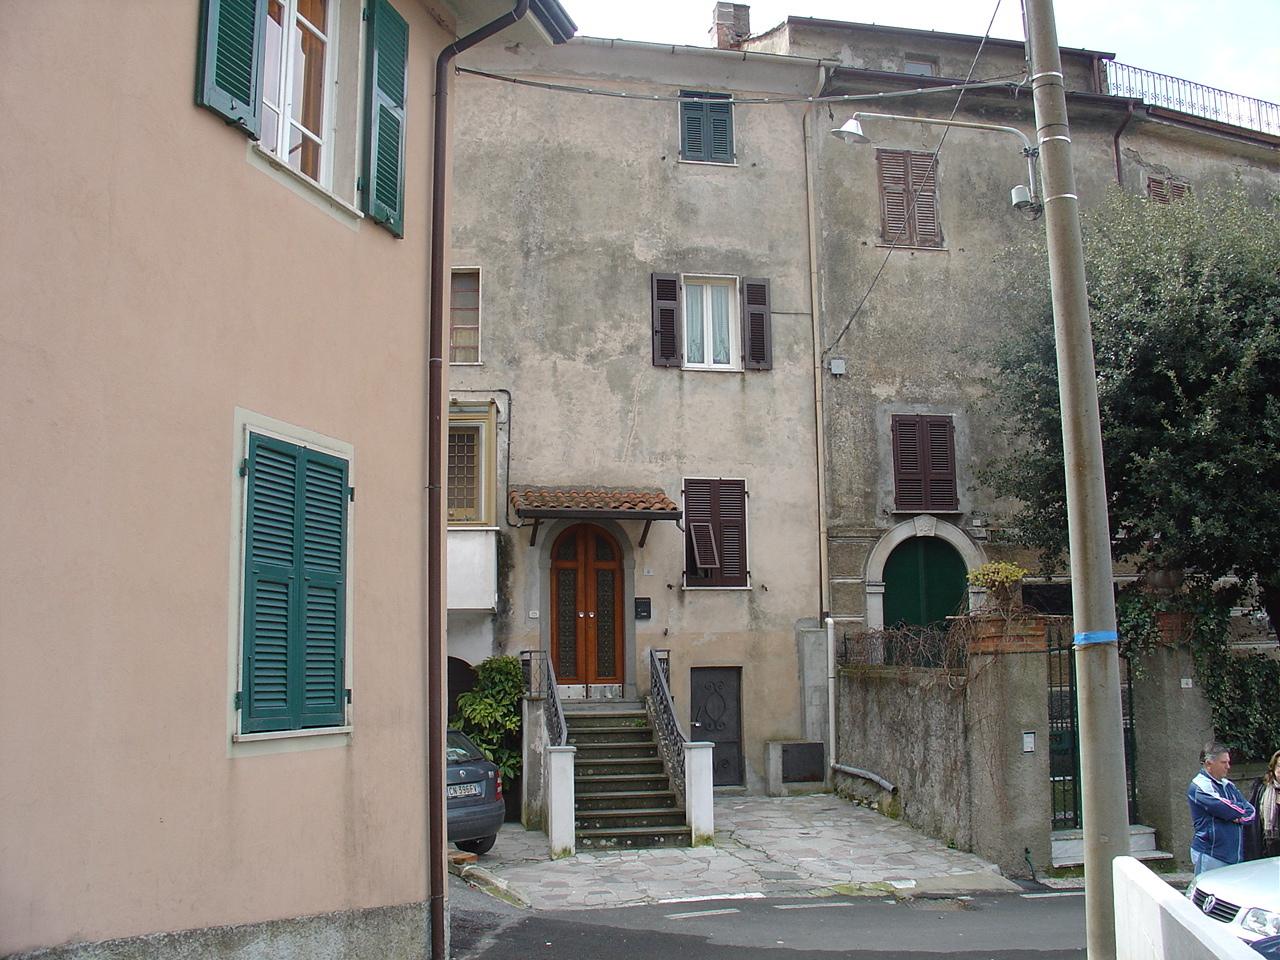 Casa semindipendente in vendita, rif. 2696